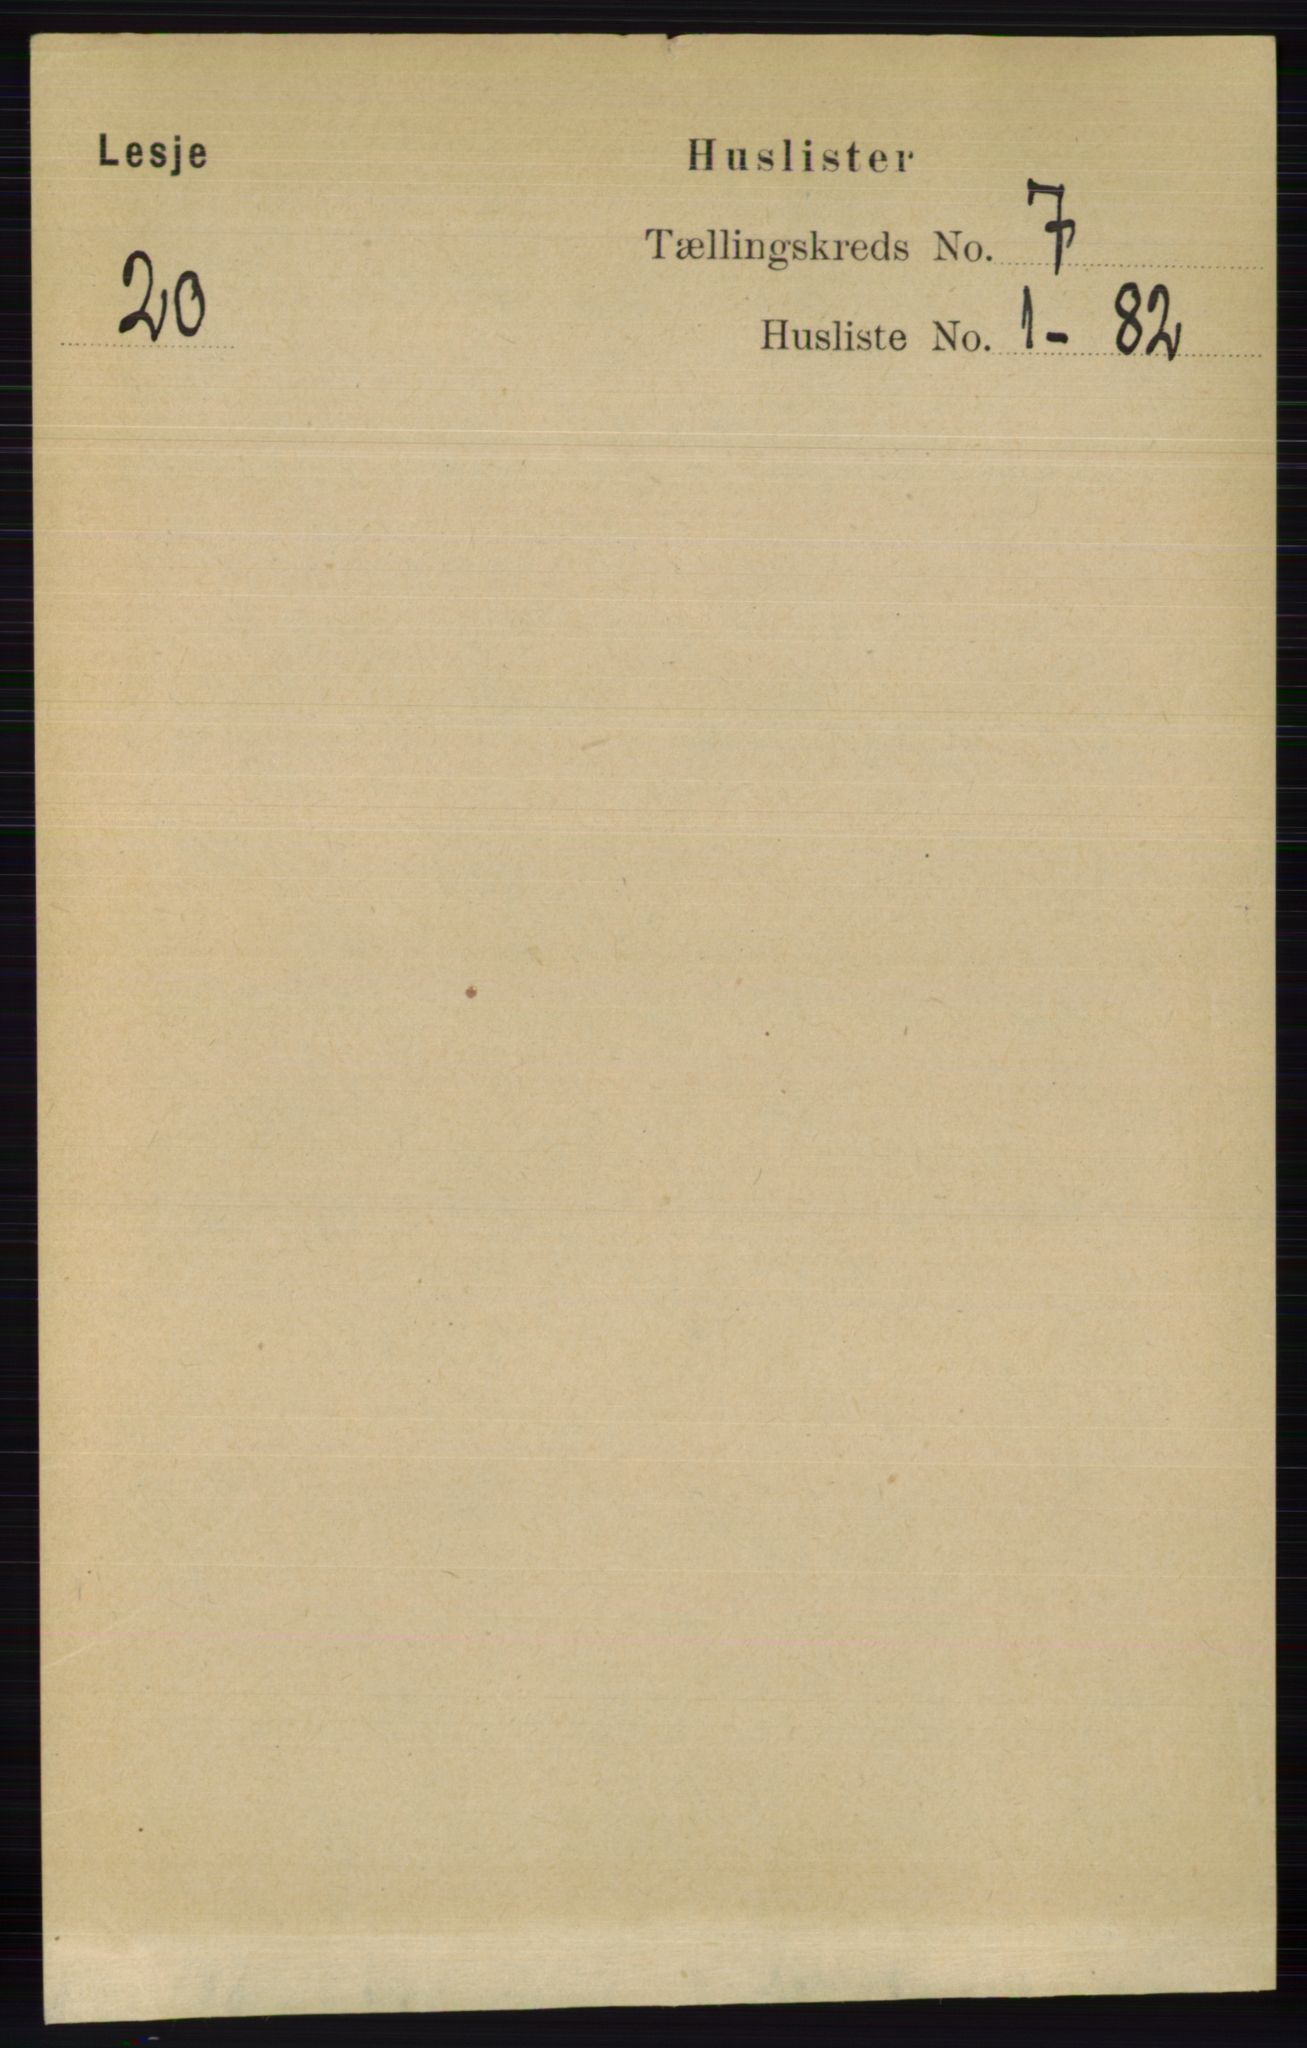 RA, Folketelling 1891 for 0512 Lesja herred, 1891, s. 2407